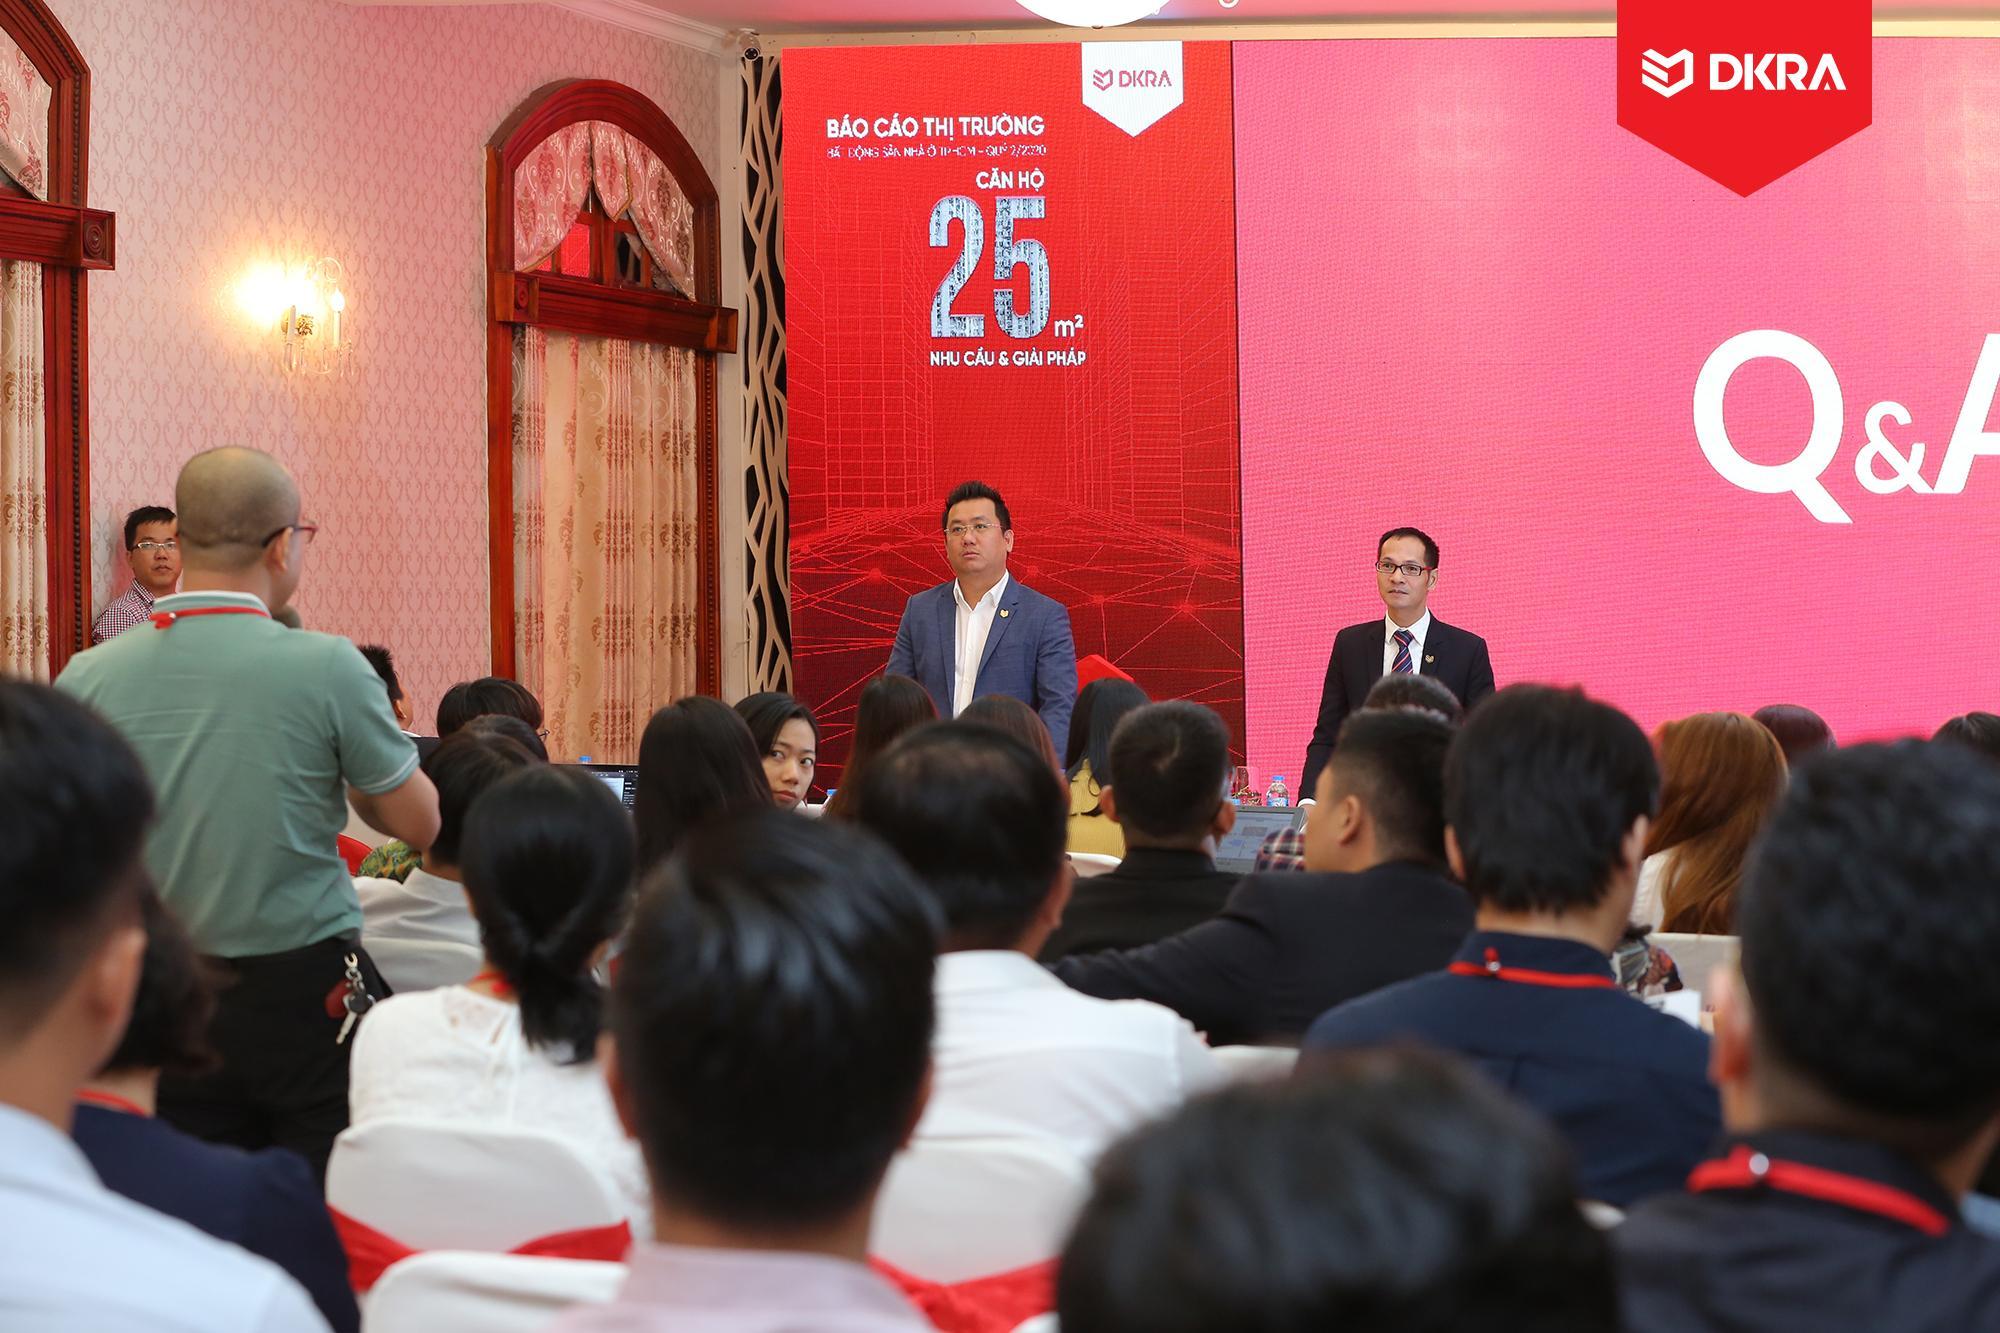 """Chủ đề """"Căn hộ 25m2 - Nhu cầu & giải pháp"""" nhận được sự quan tâm rất lớn của các khách mời tại sự kiện."""